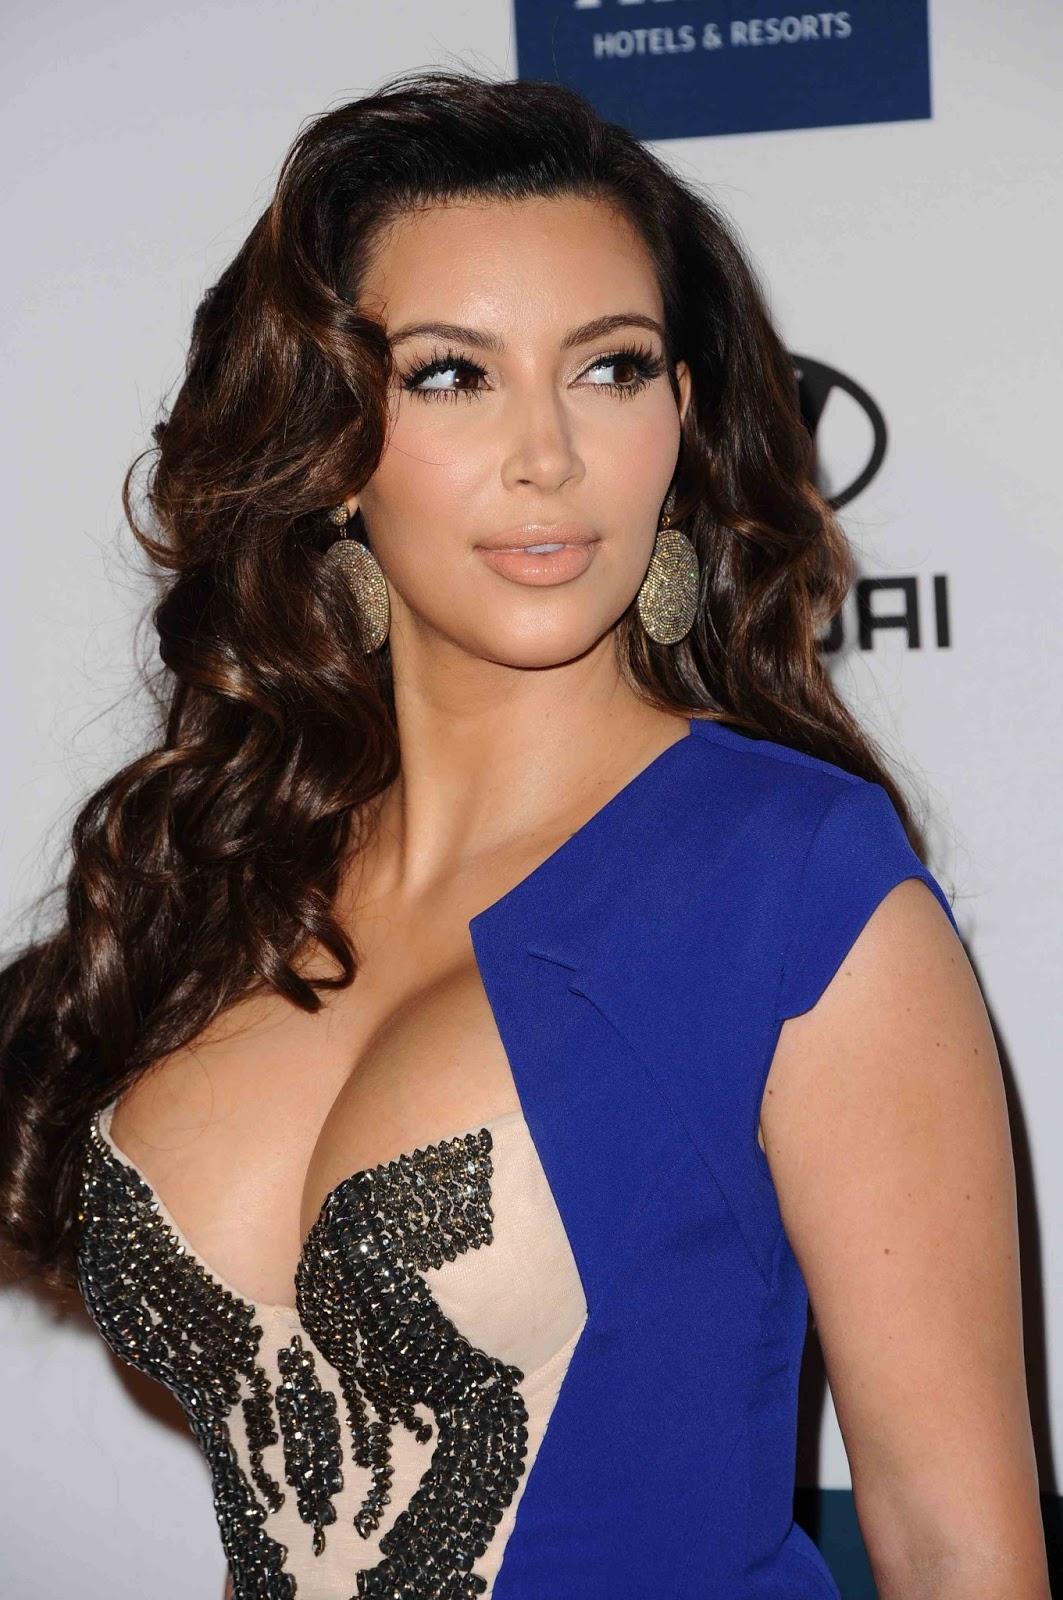 Kim Kardashian Hot Cleavage Photos Catholic News Solar